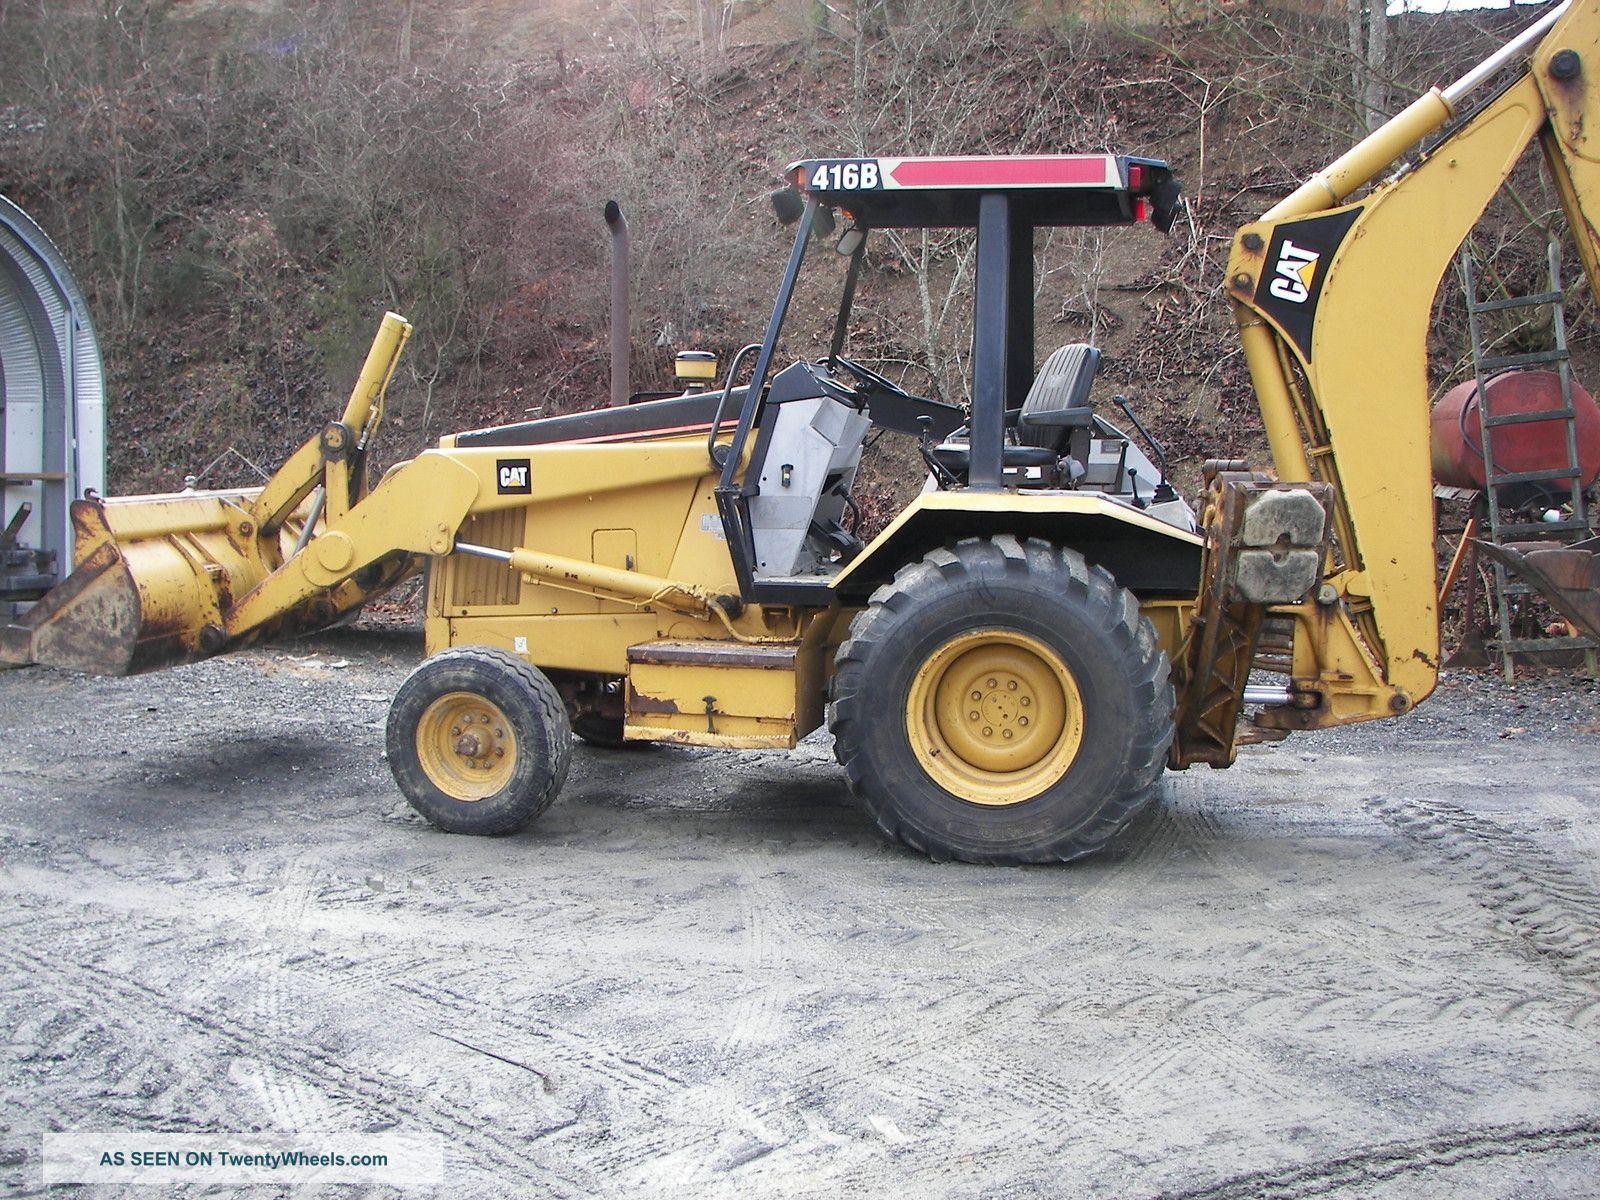 Tractor Loader Backhoe : Cat b tractor loader backhoe